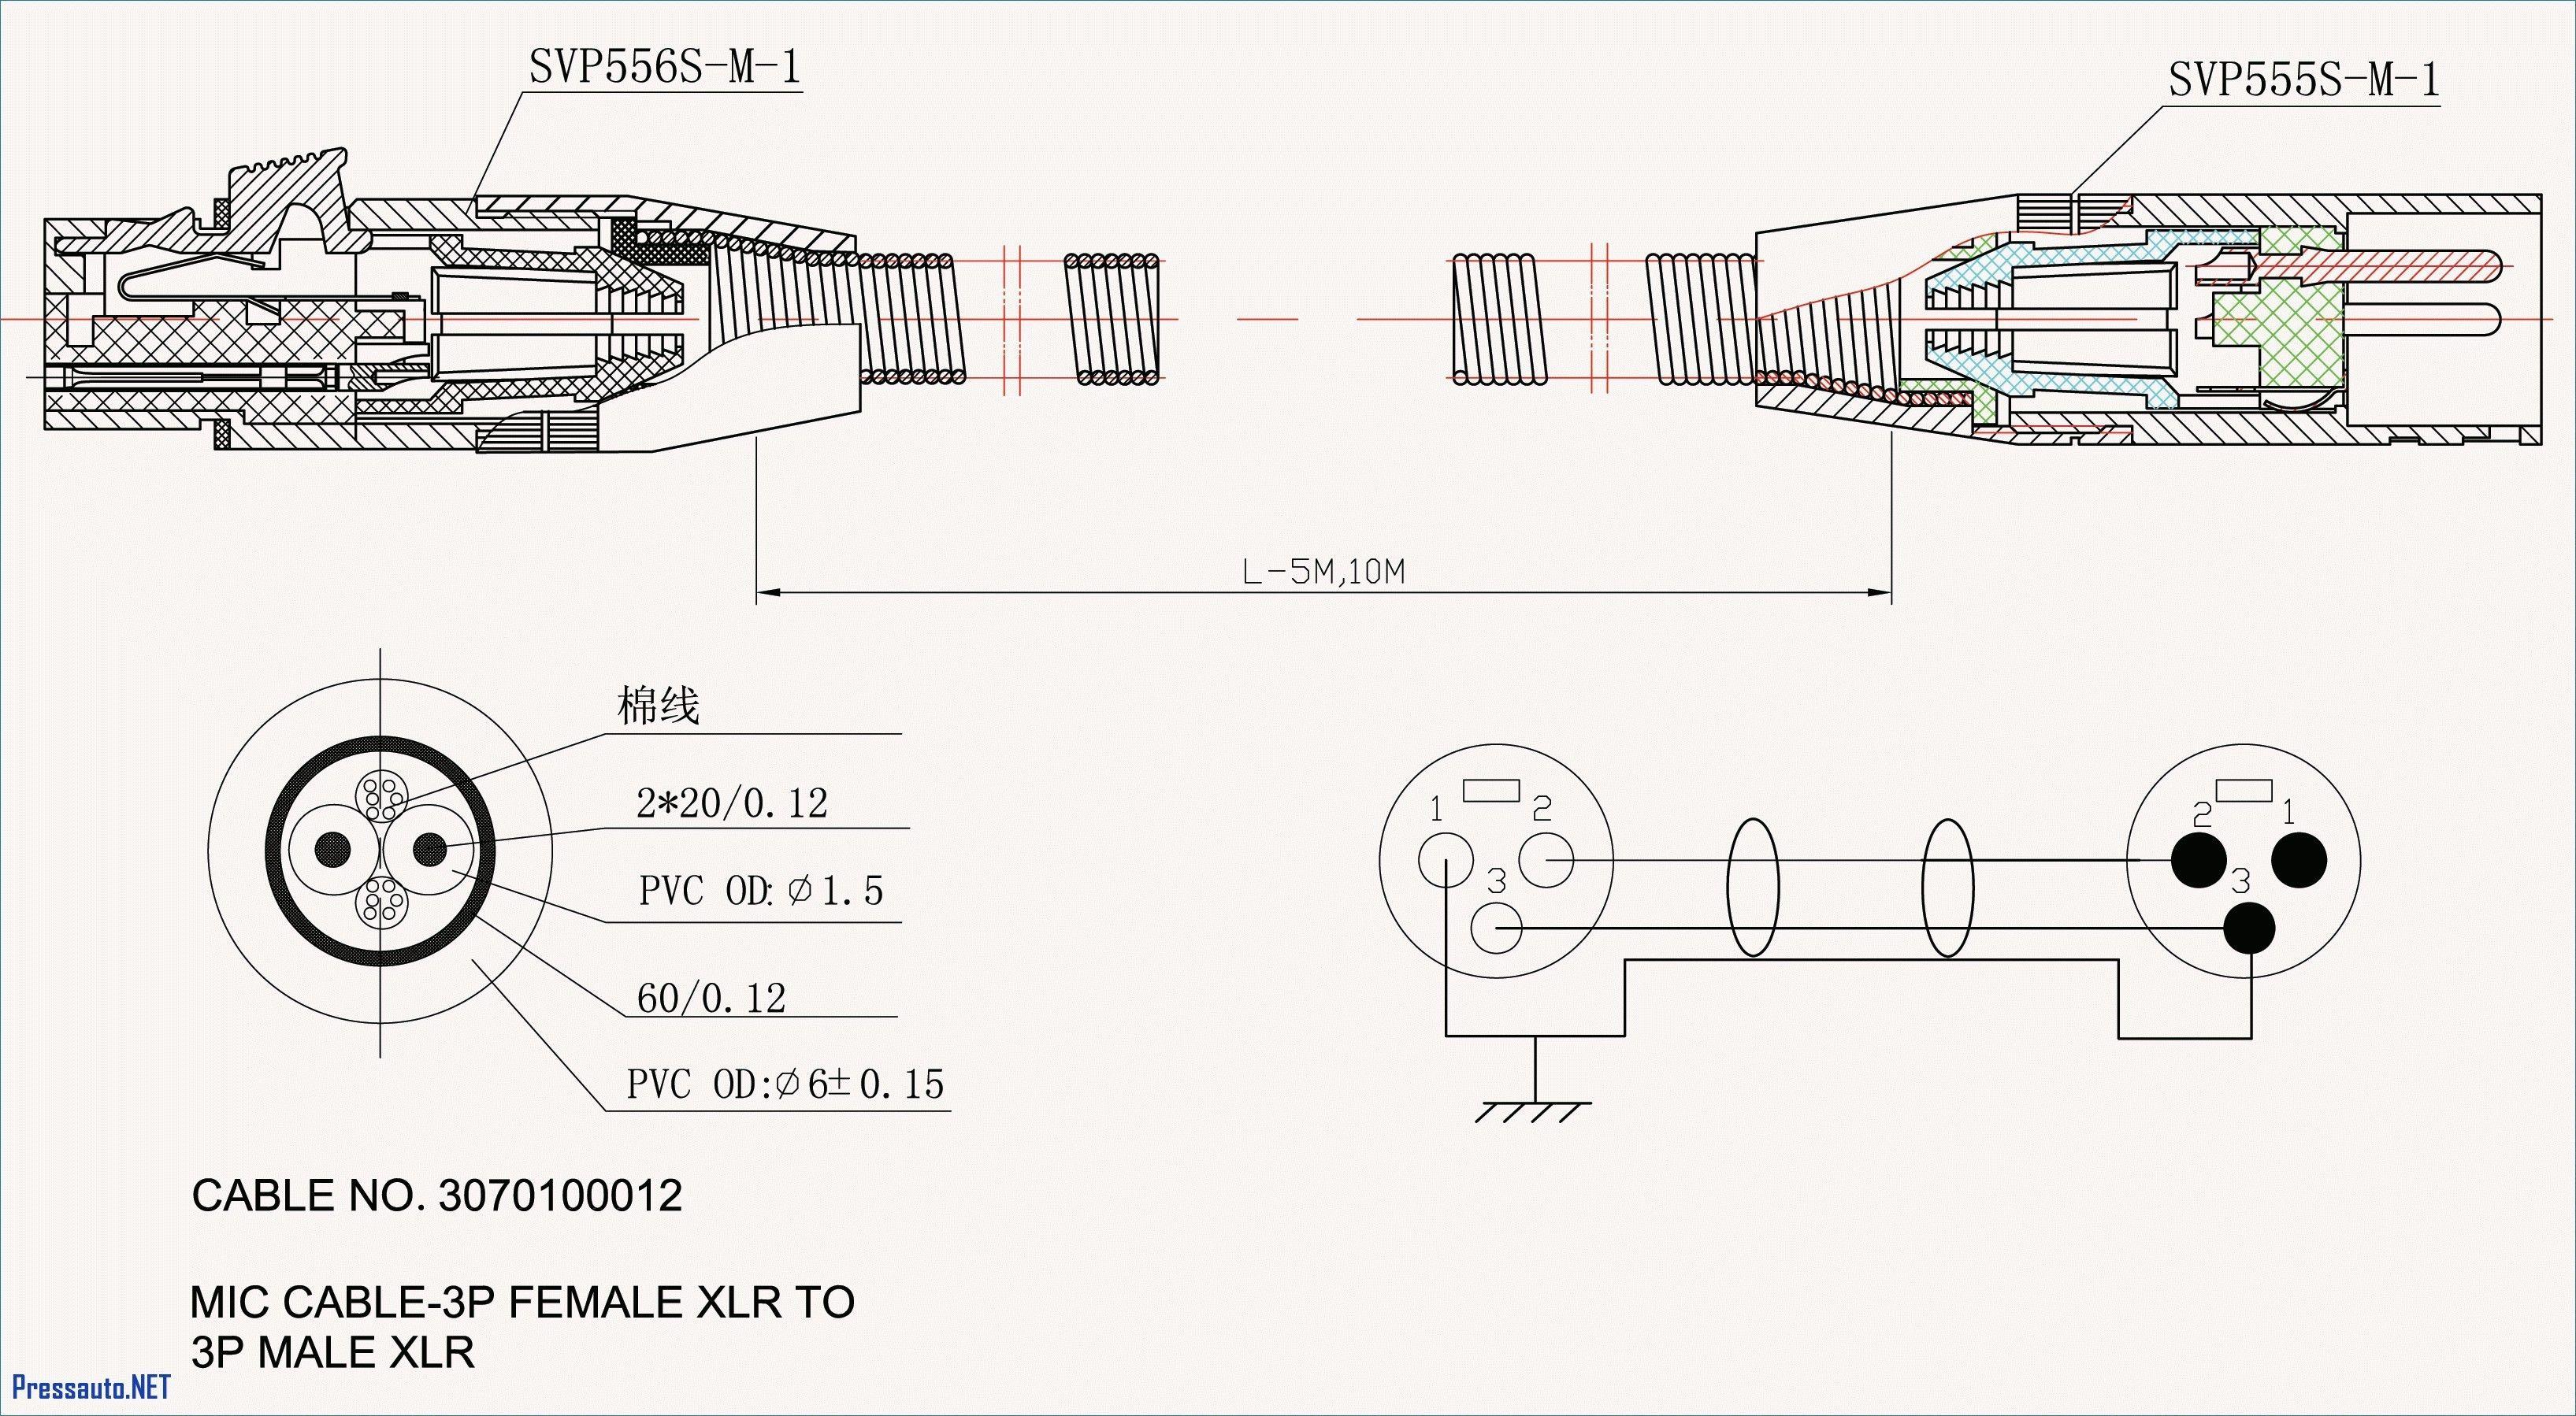 Powermaster Alternator Wiring Diagram In 2020 Electrical Wiring Diagram Trailer Light Wiring Trailer Wiring Diagram